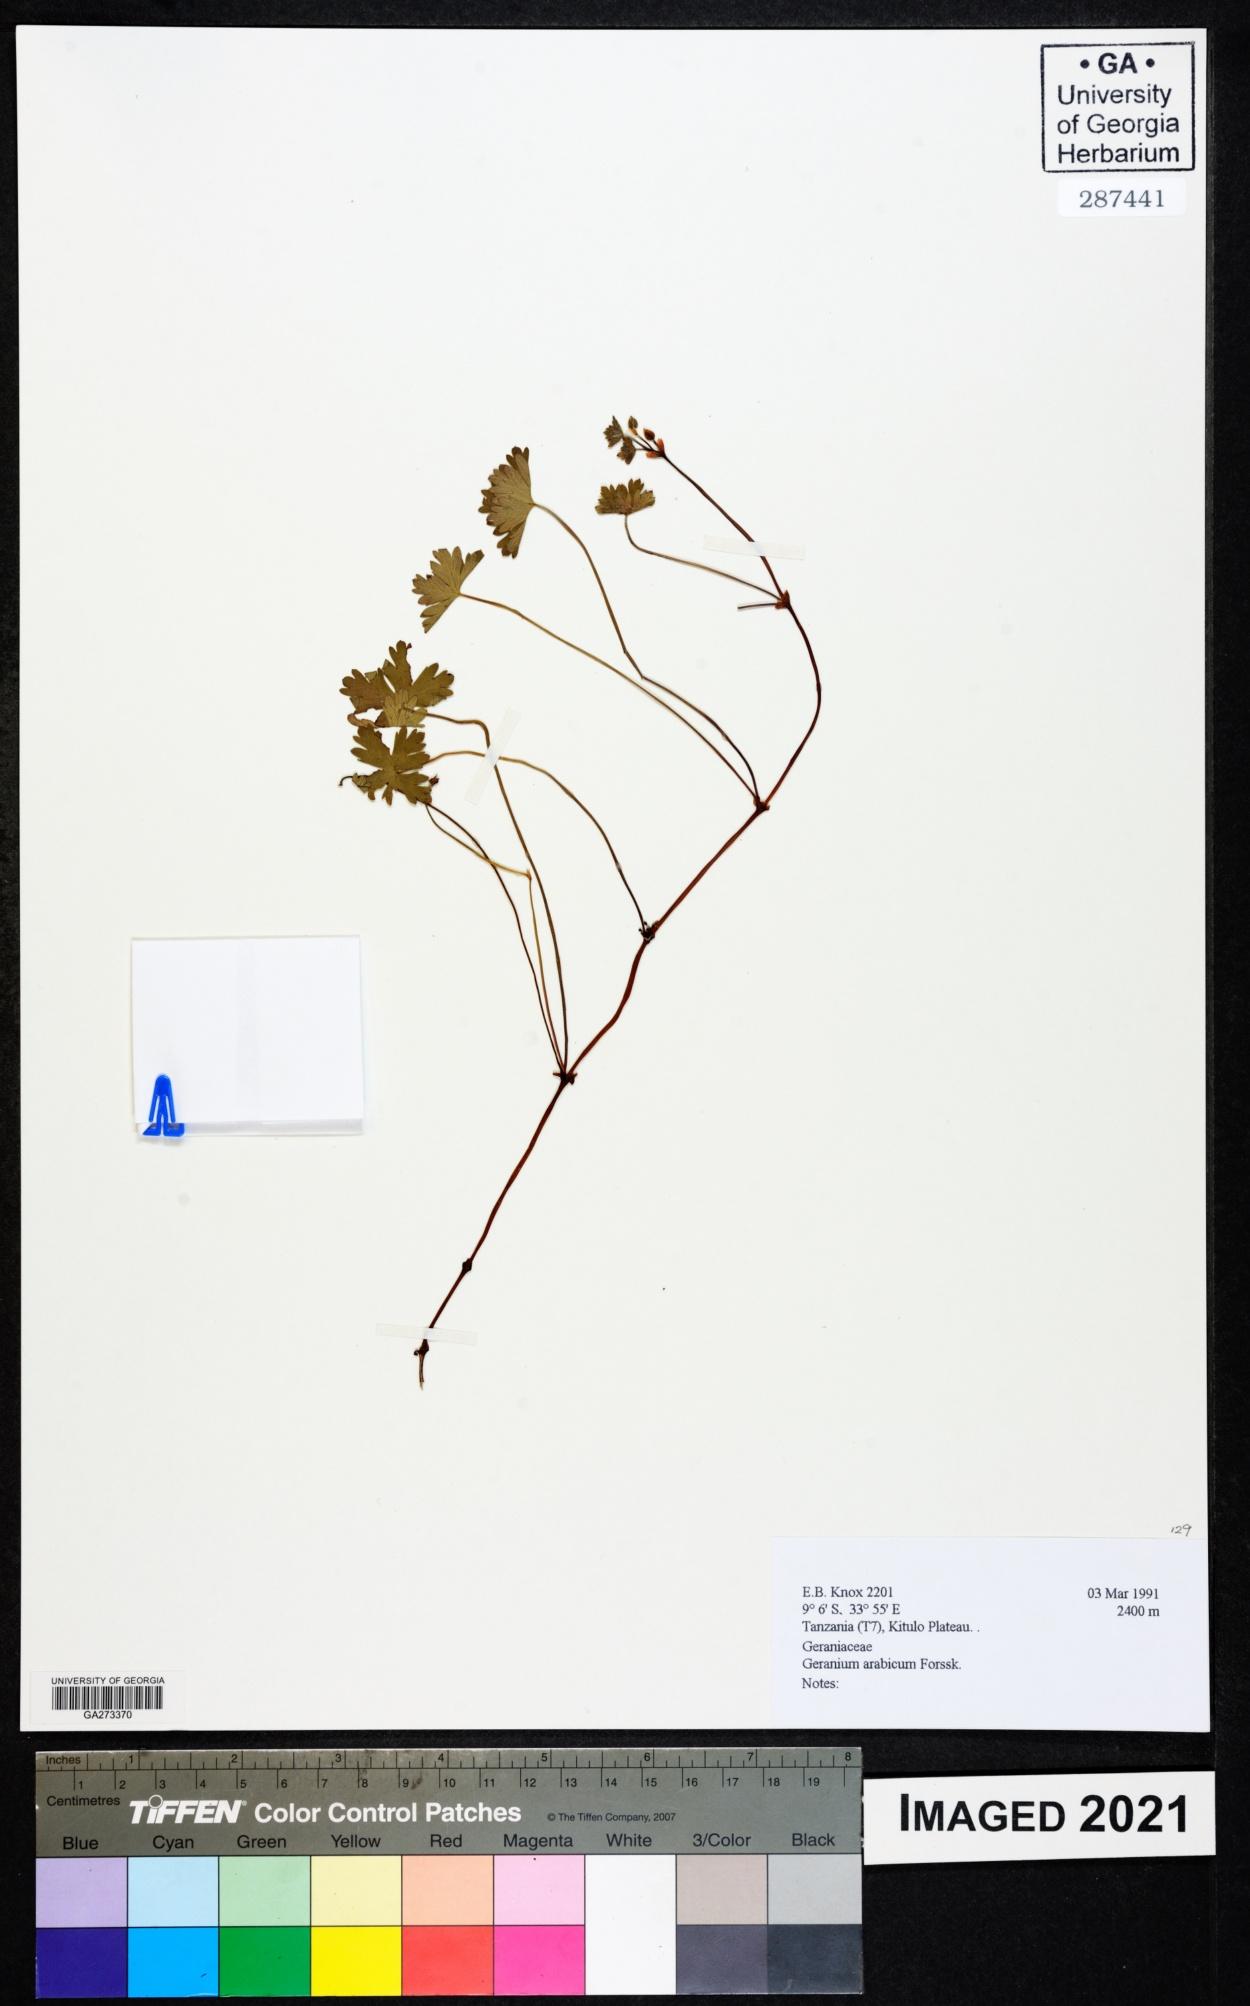 Geranium arabicum image